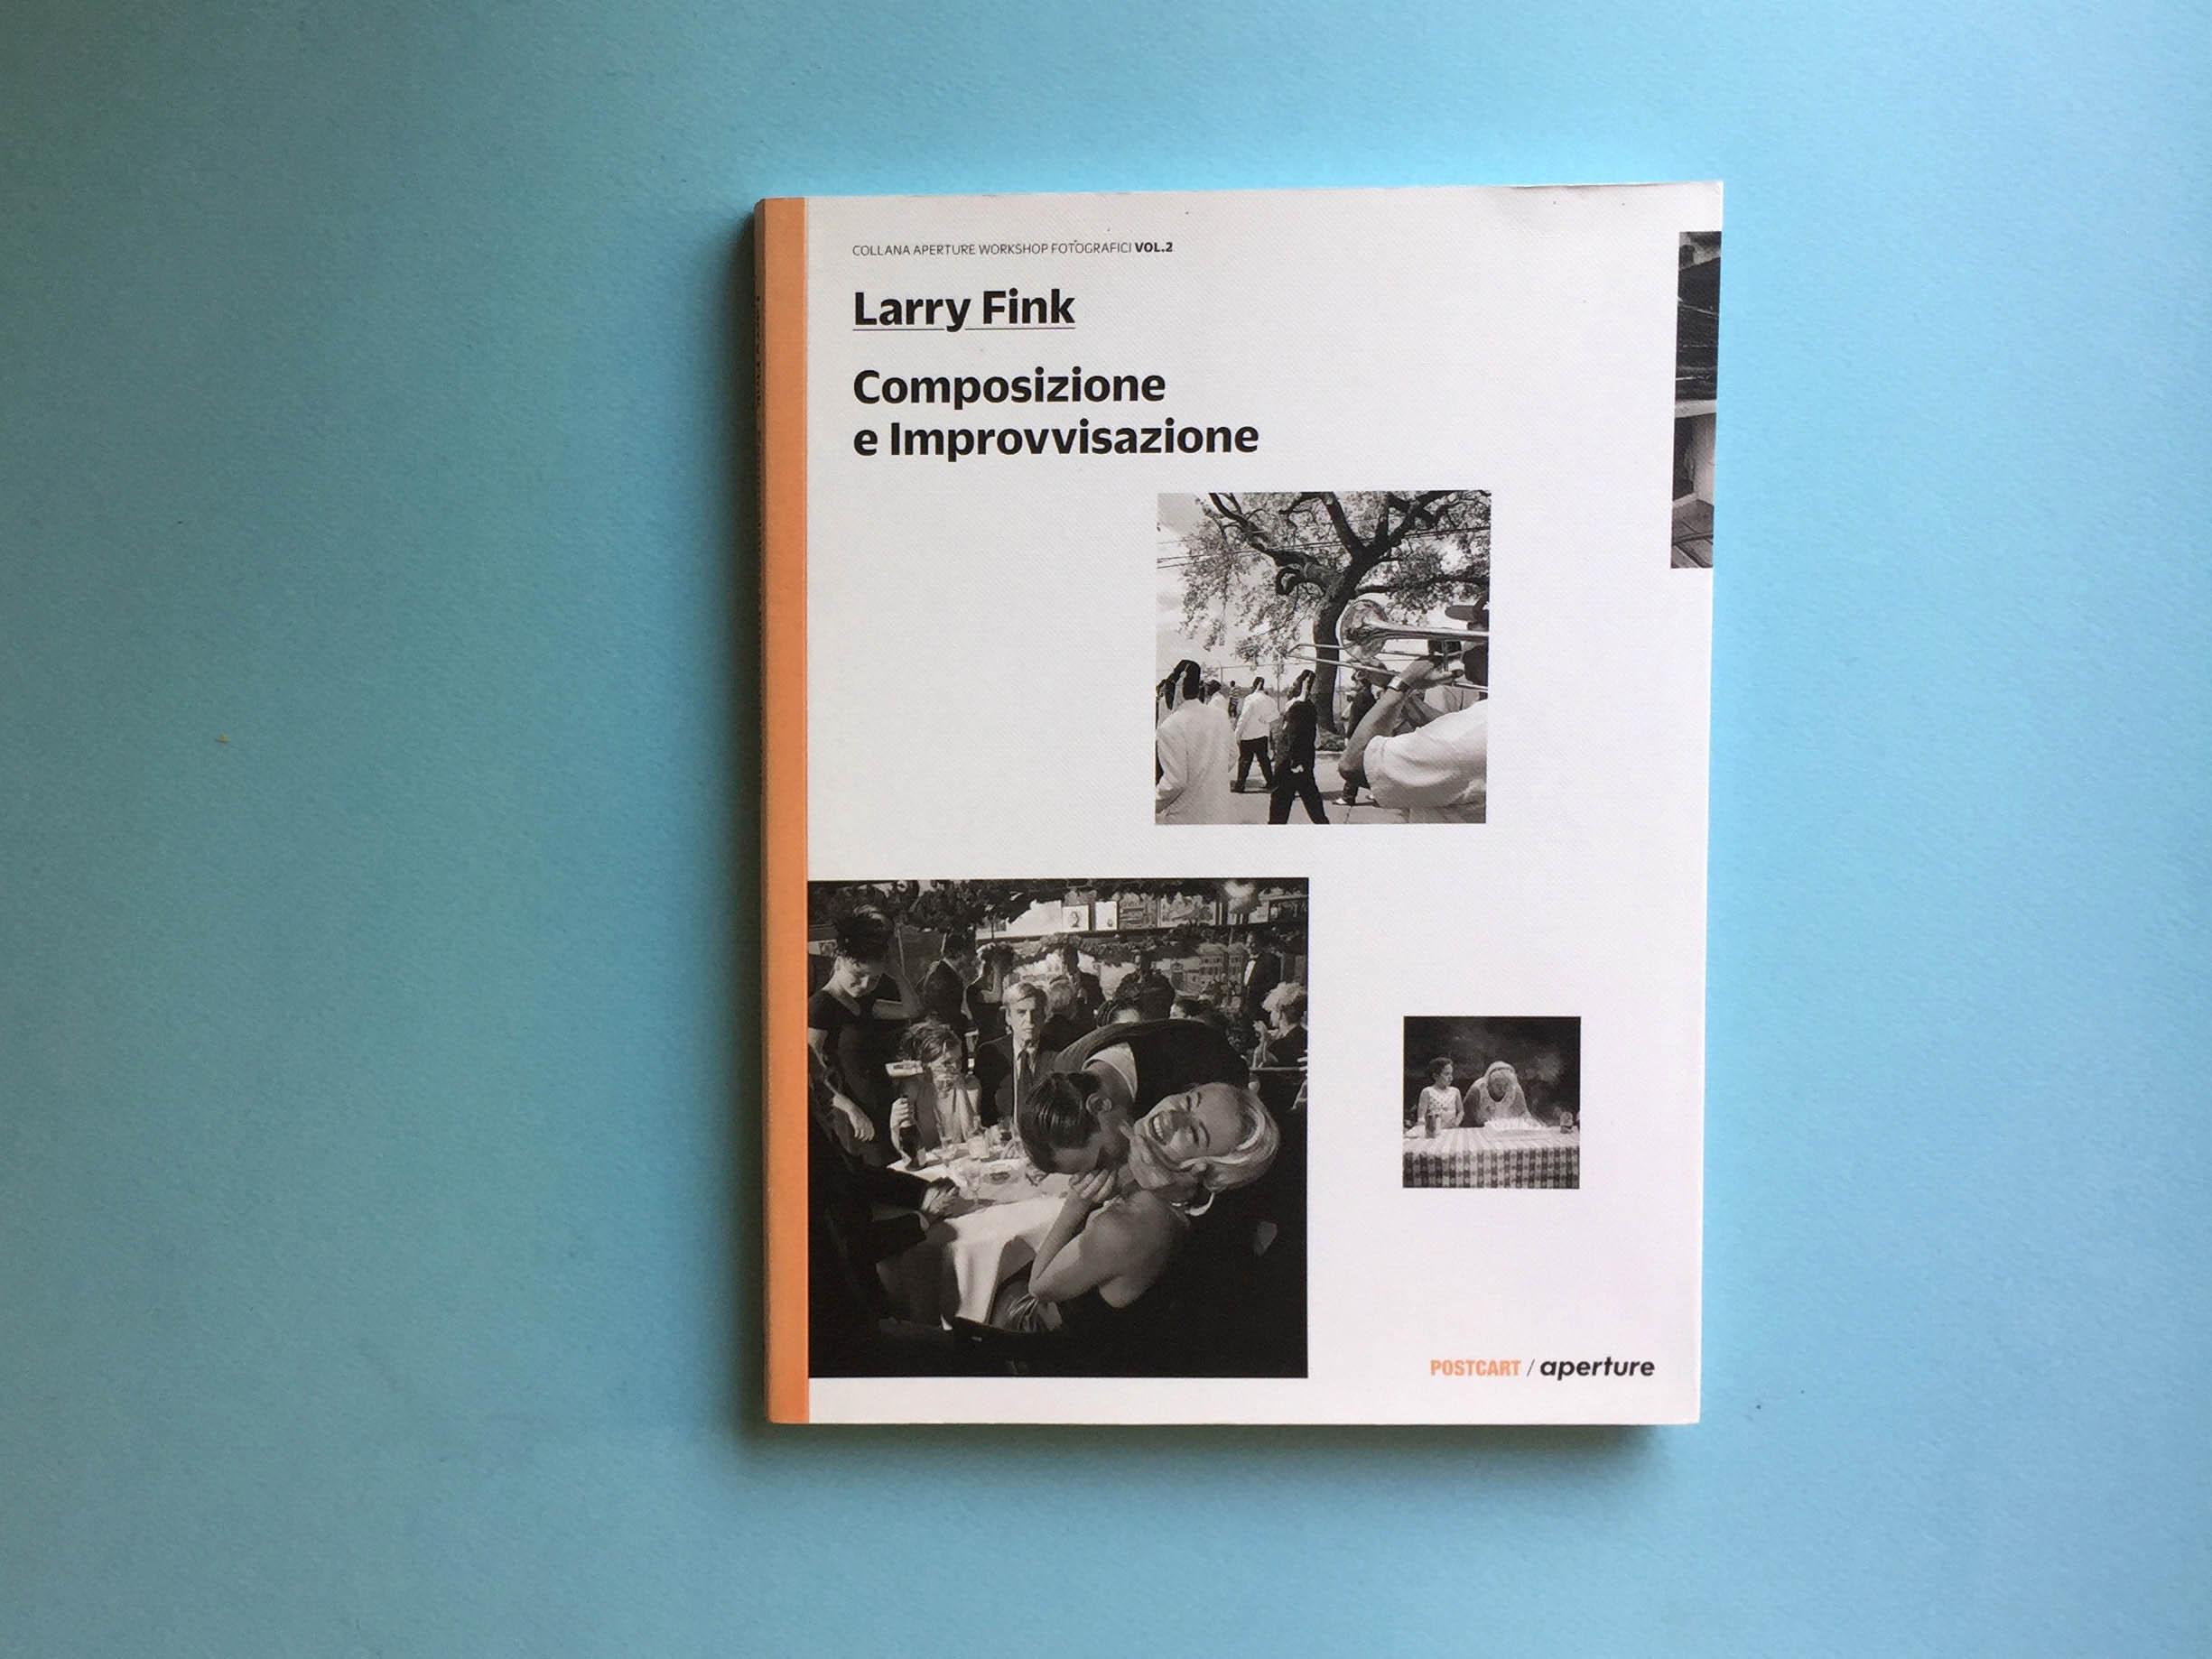 COMPOSIZIONE E IMPROVVISAZIONE / LARRY FINK